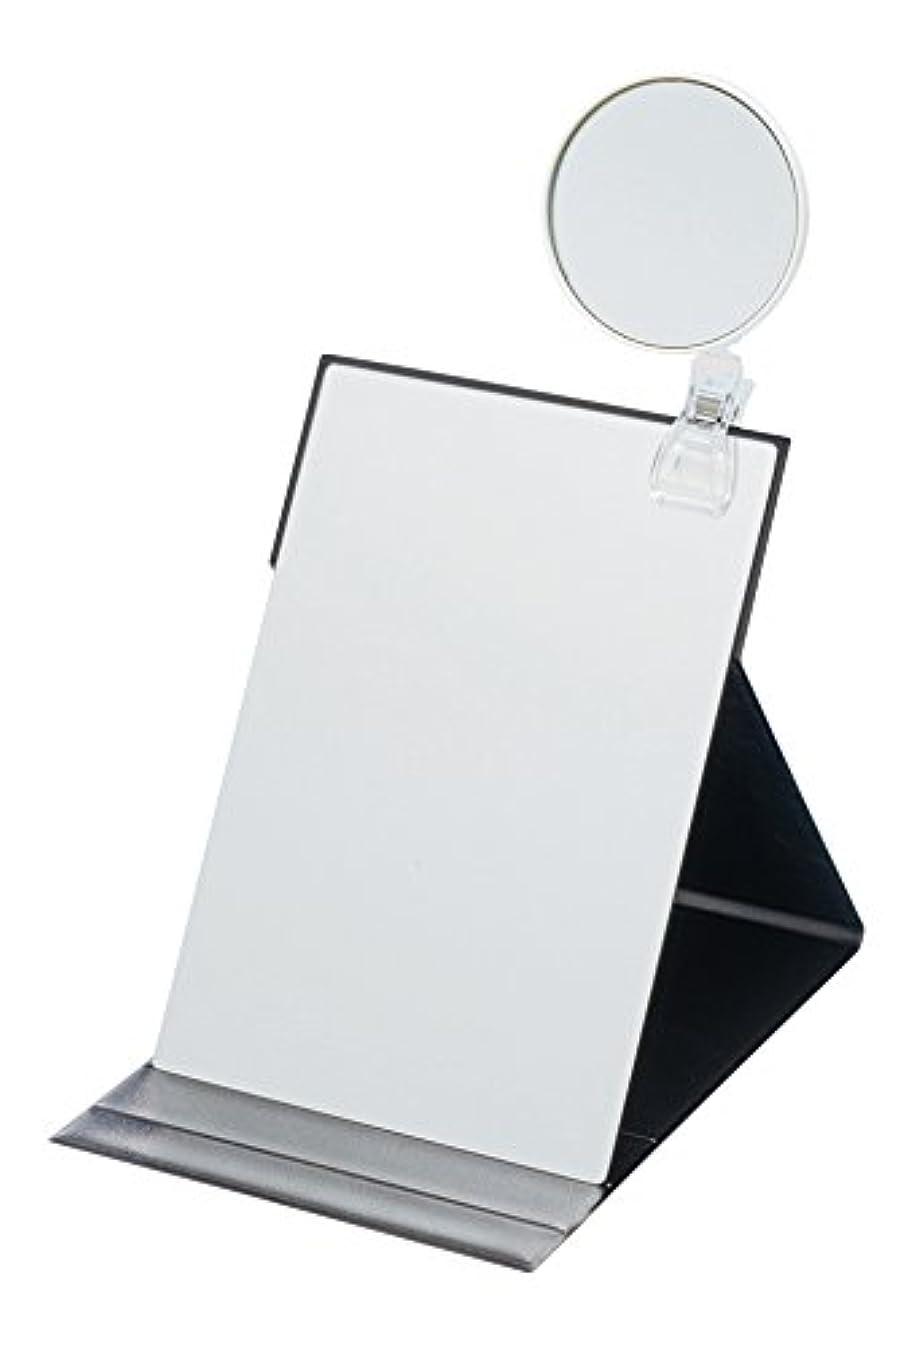 非難朝サスペンドナピュアミラー 5倍拡大鏡付きプロモデル折立ナピュアミラーLL HP-52×5